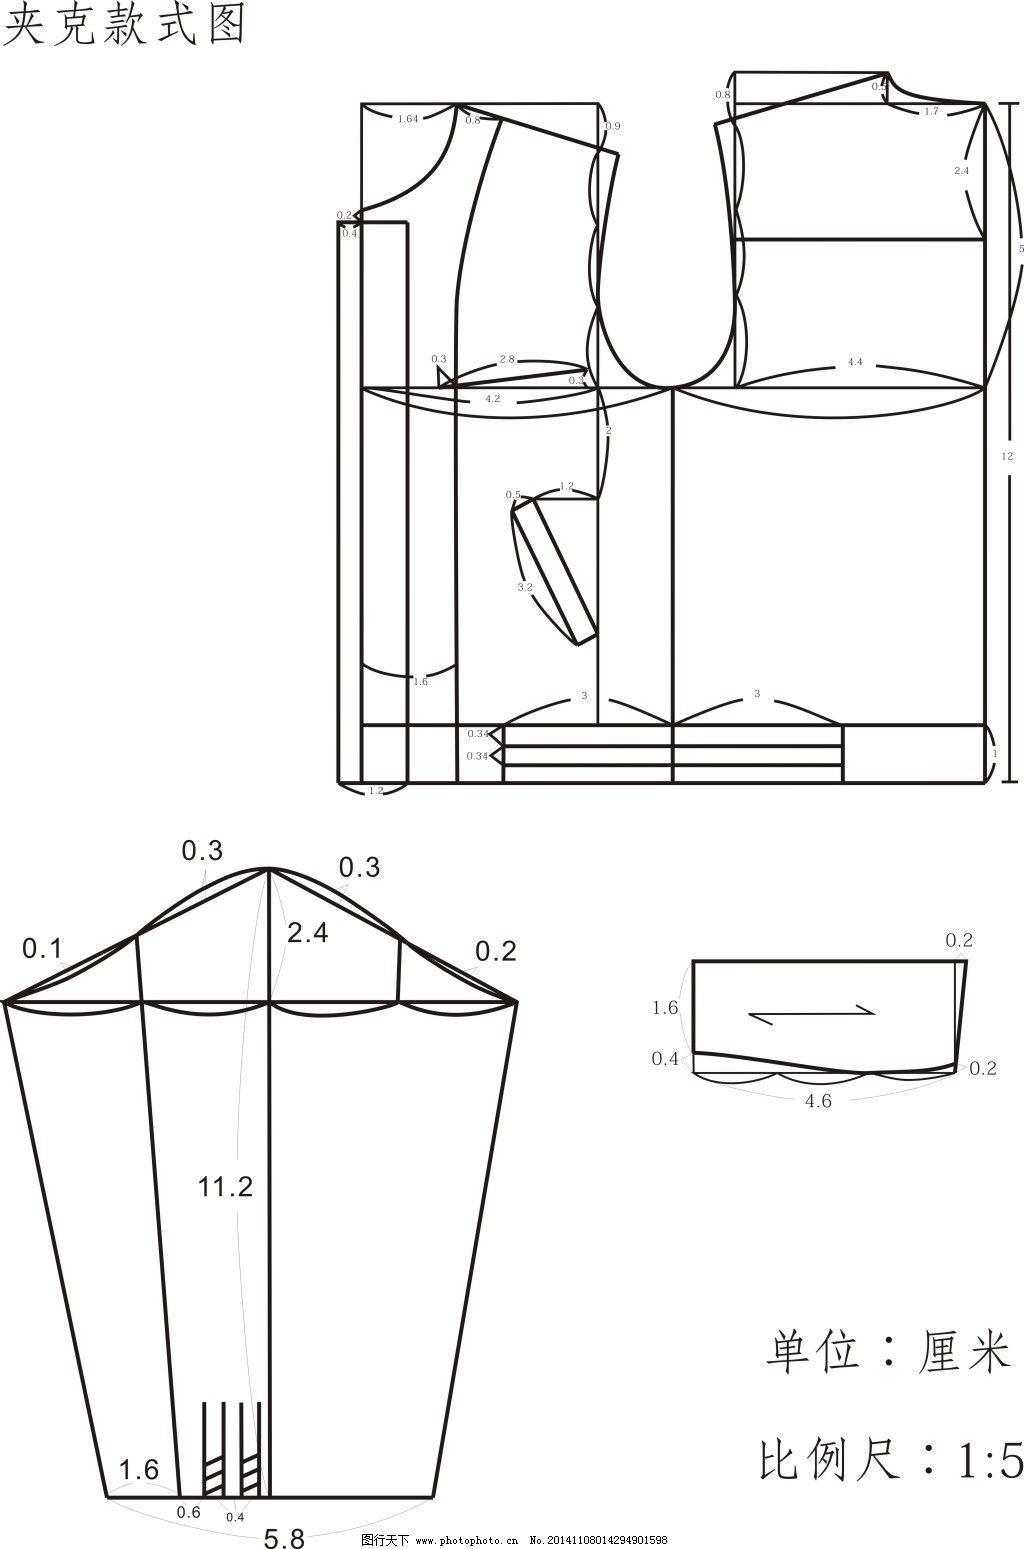 夹克 茄克衫 缩小 打板图 纸样 领子 口袋 裁剪图 放缝份 服装设计